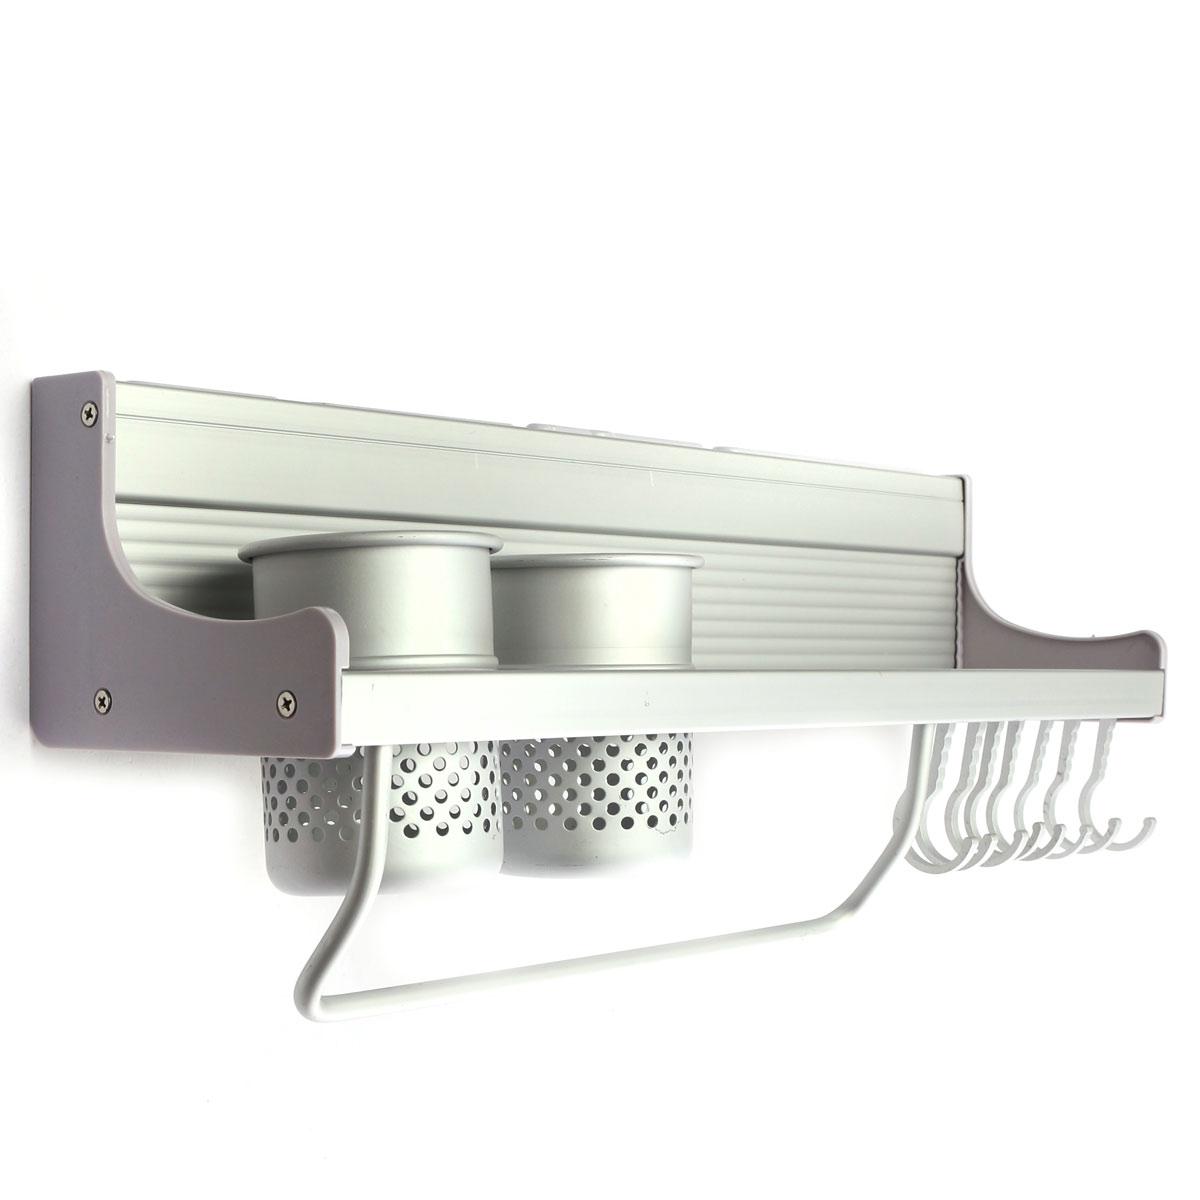 etag re titulaire de cuisine rangement mural pr couteau epices stockage alumimum ebay. Black Bedroom Furniture Sets. Home Design Ideas